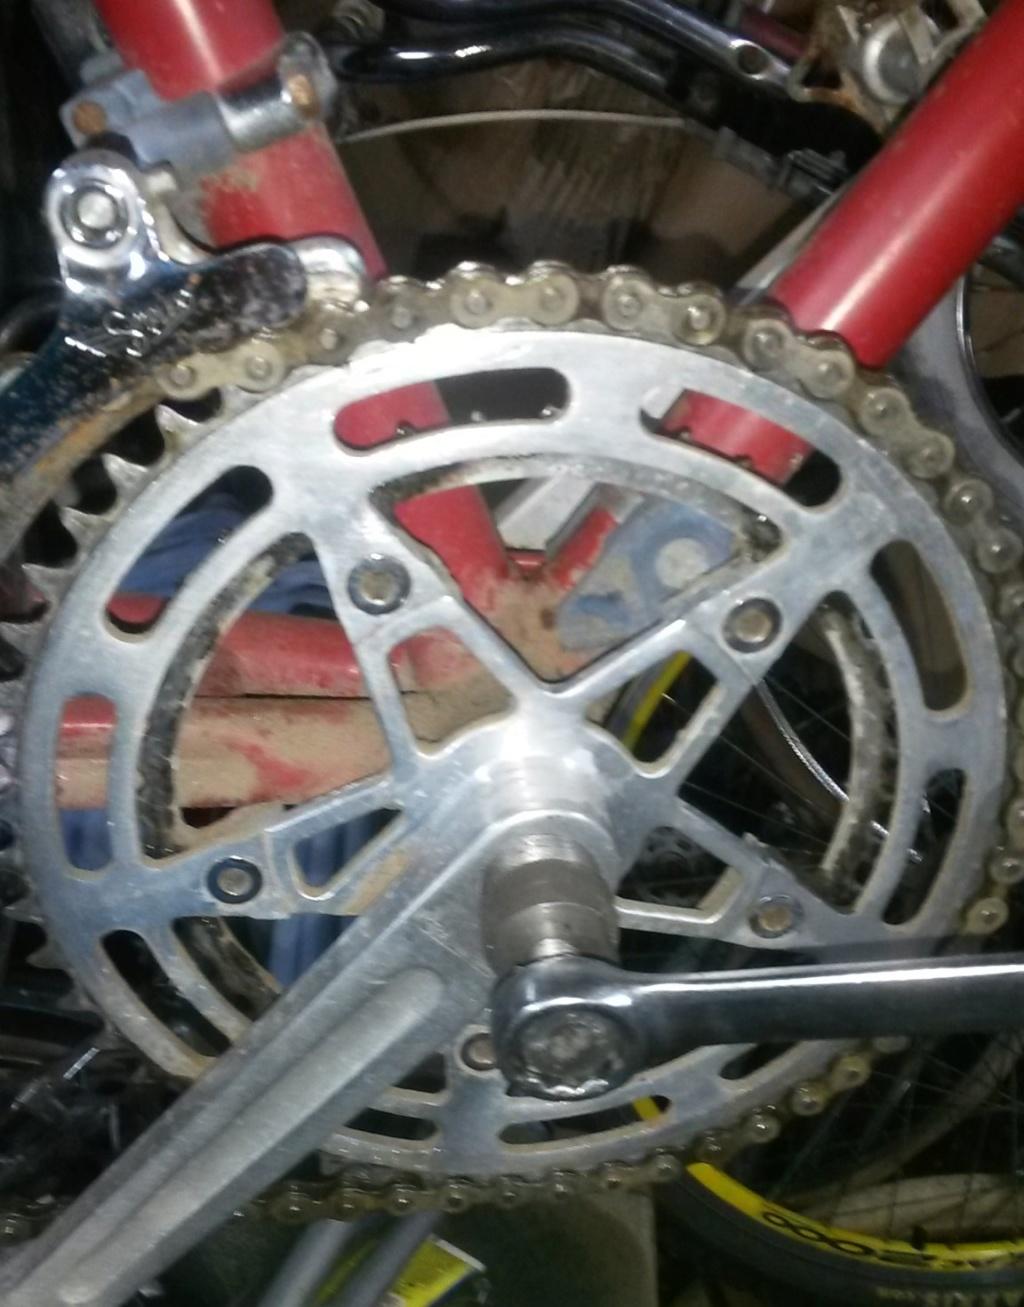 vélo de course a raccord NERVEX 1970 -75 01131